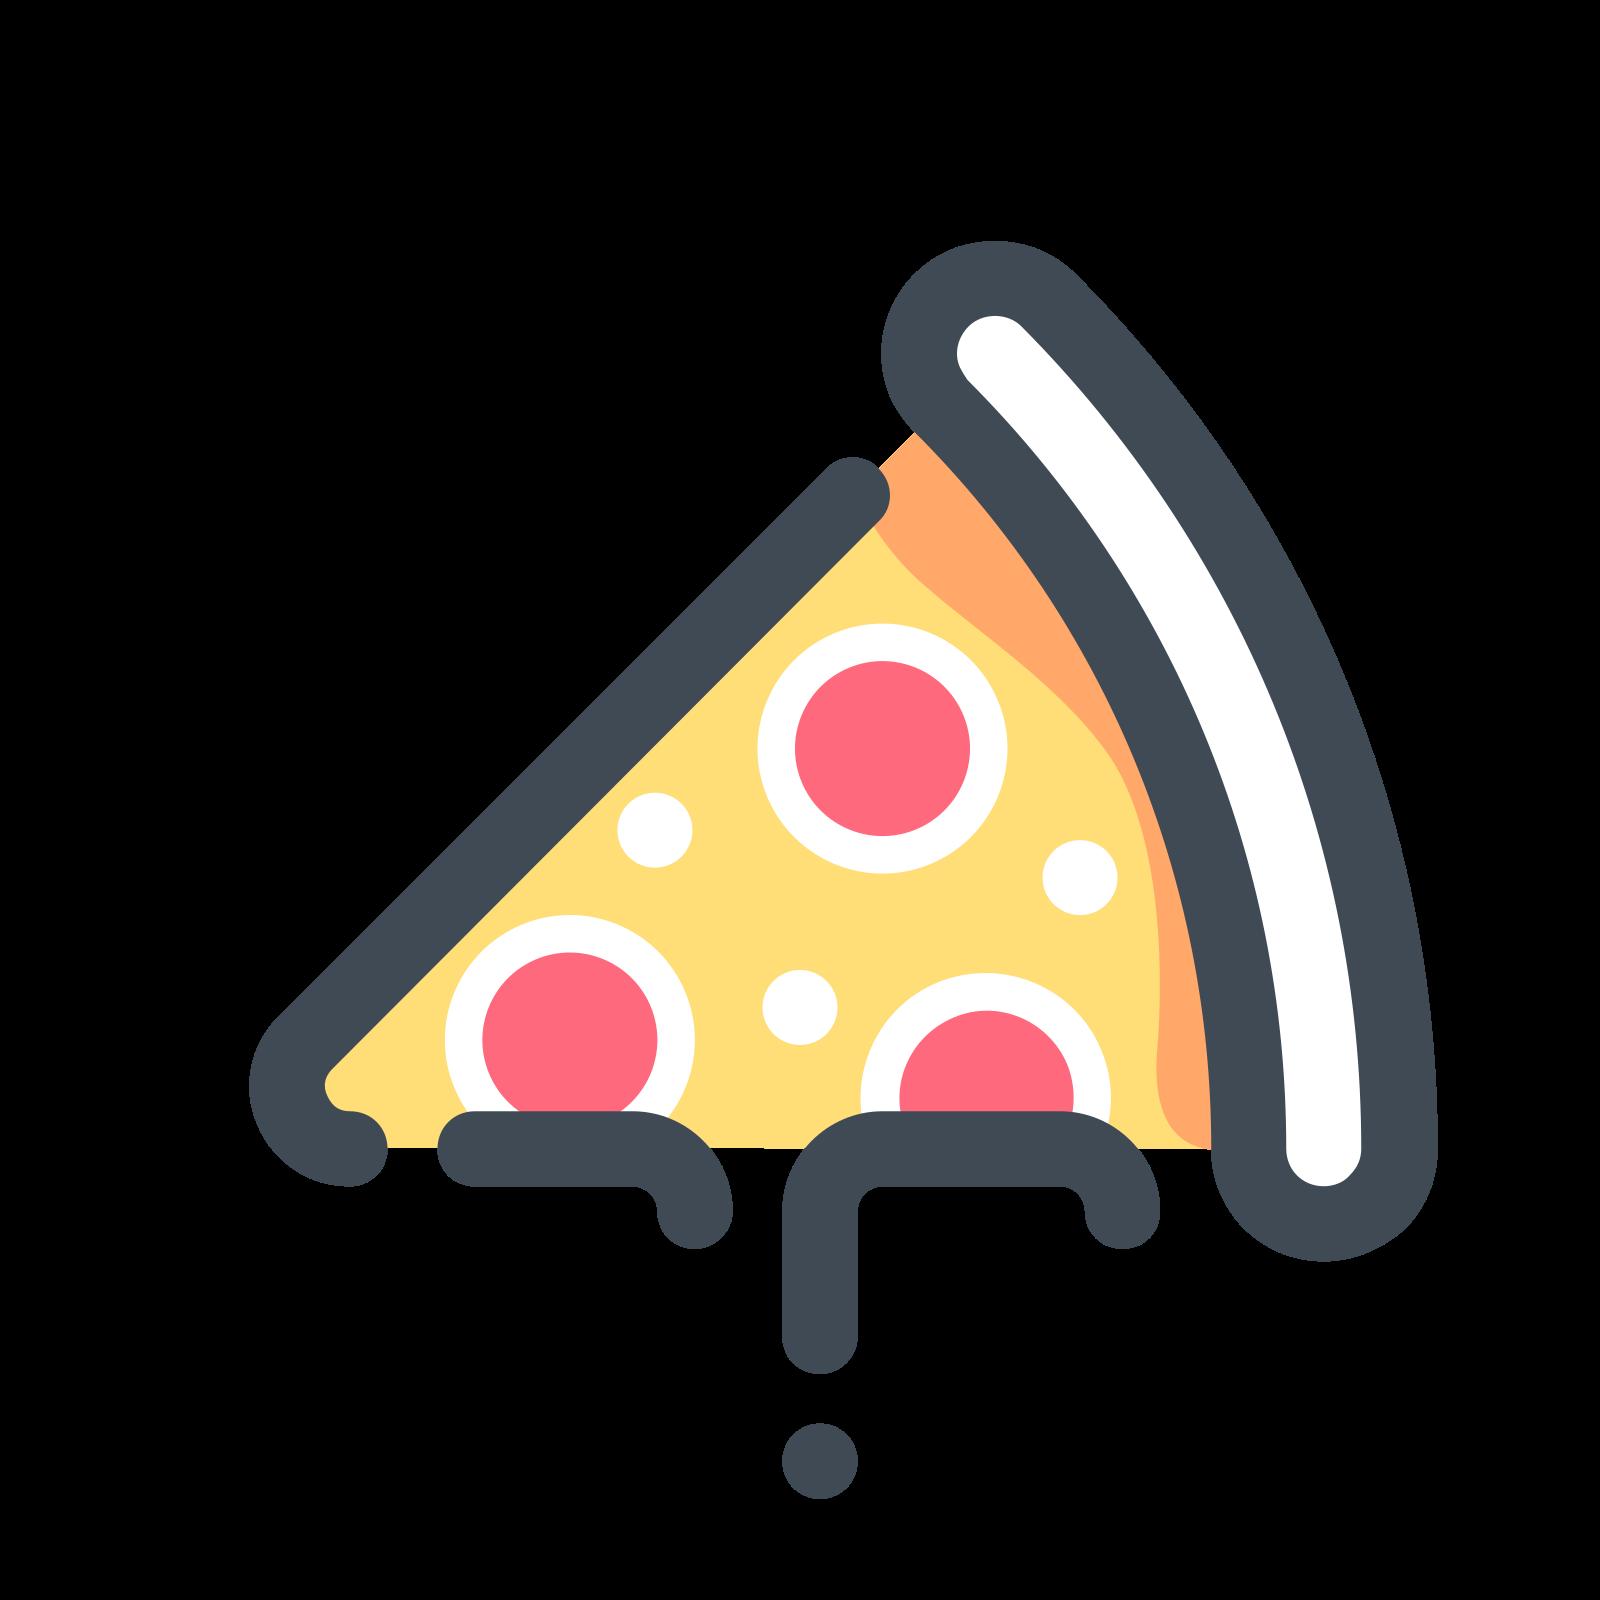 Salami Pizza icon